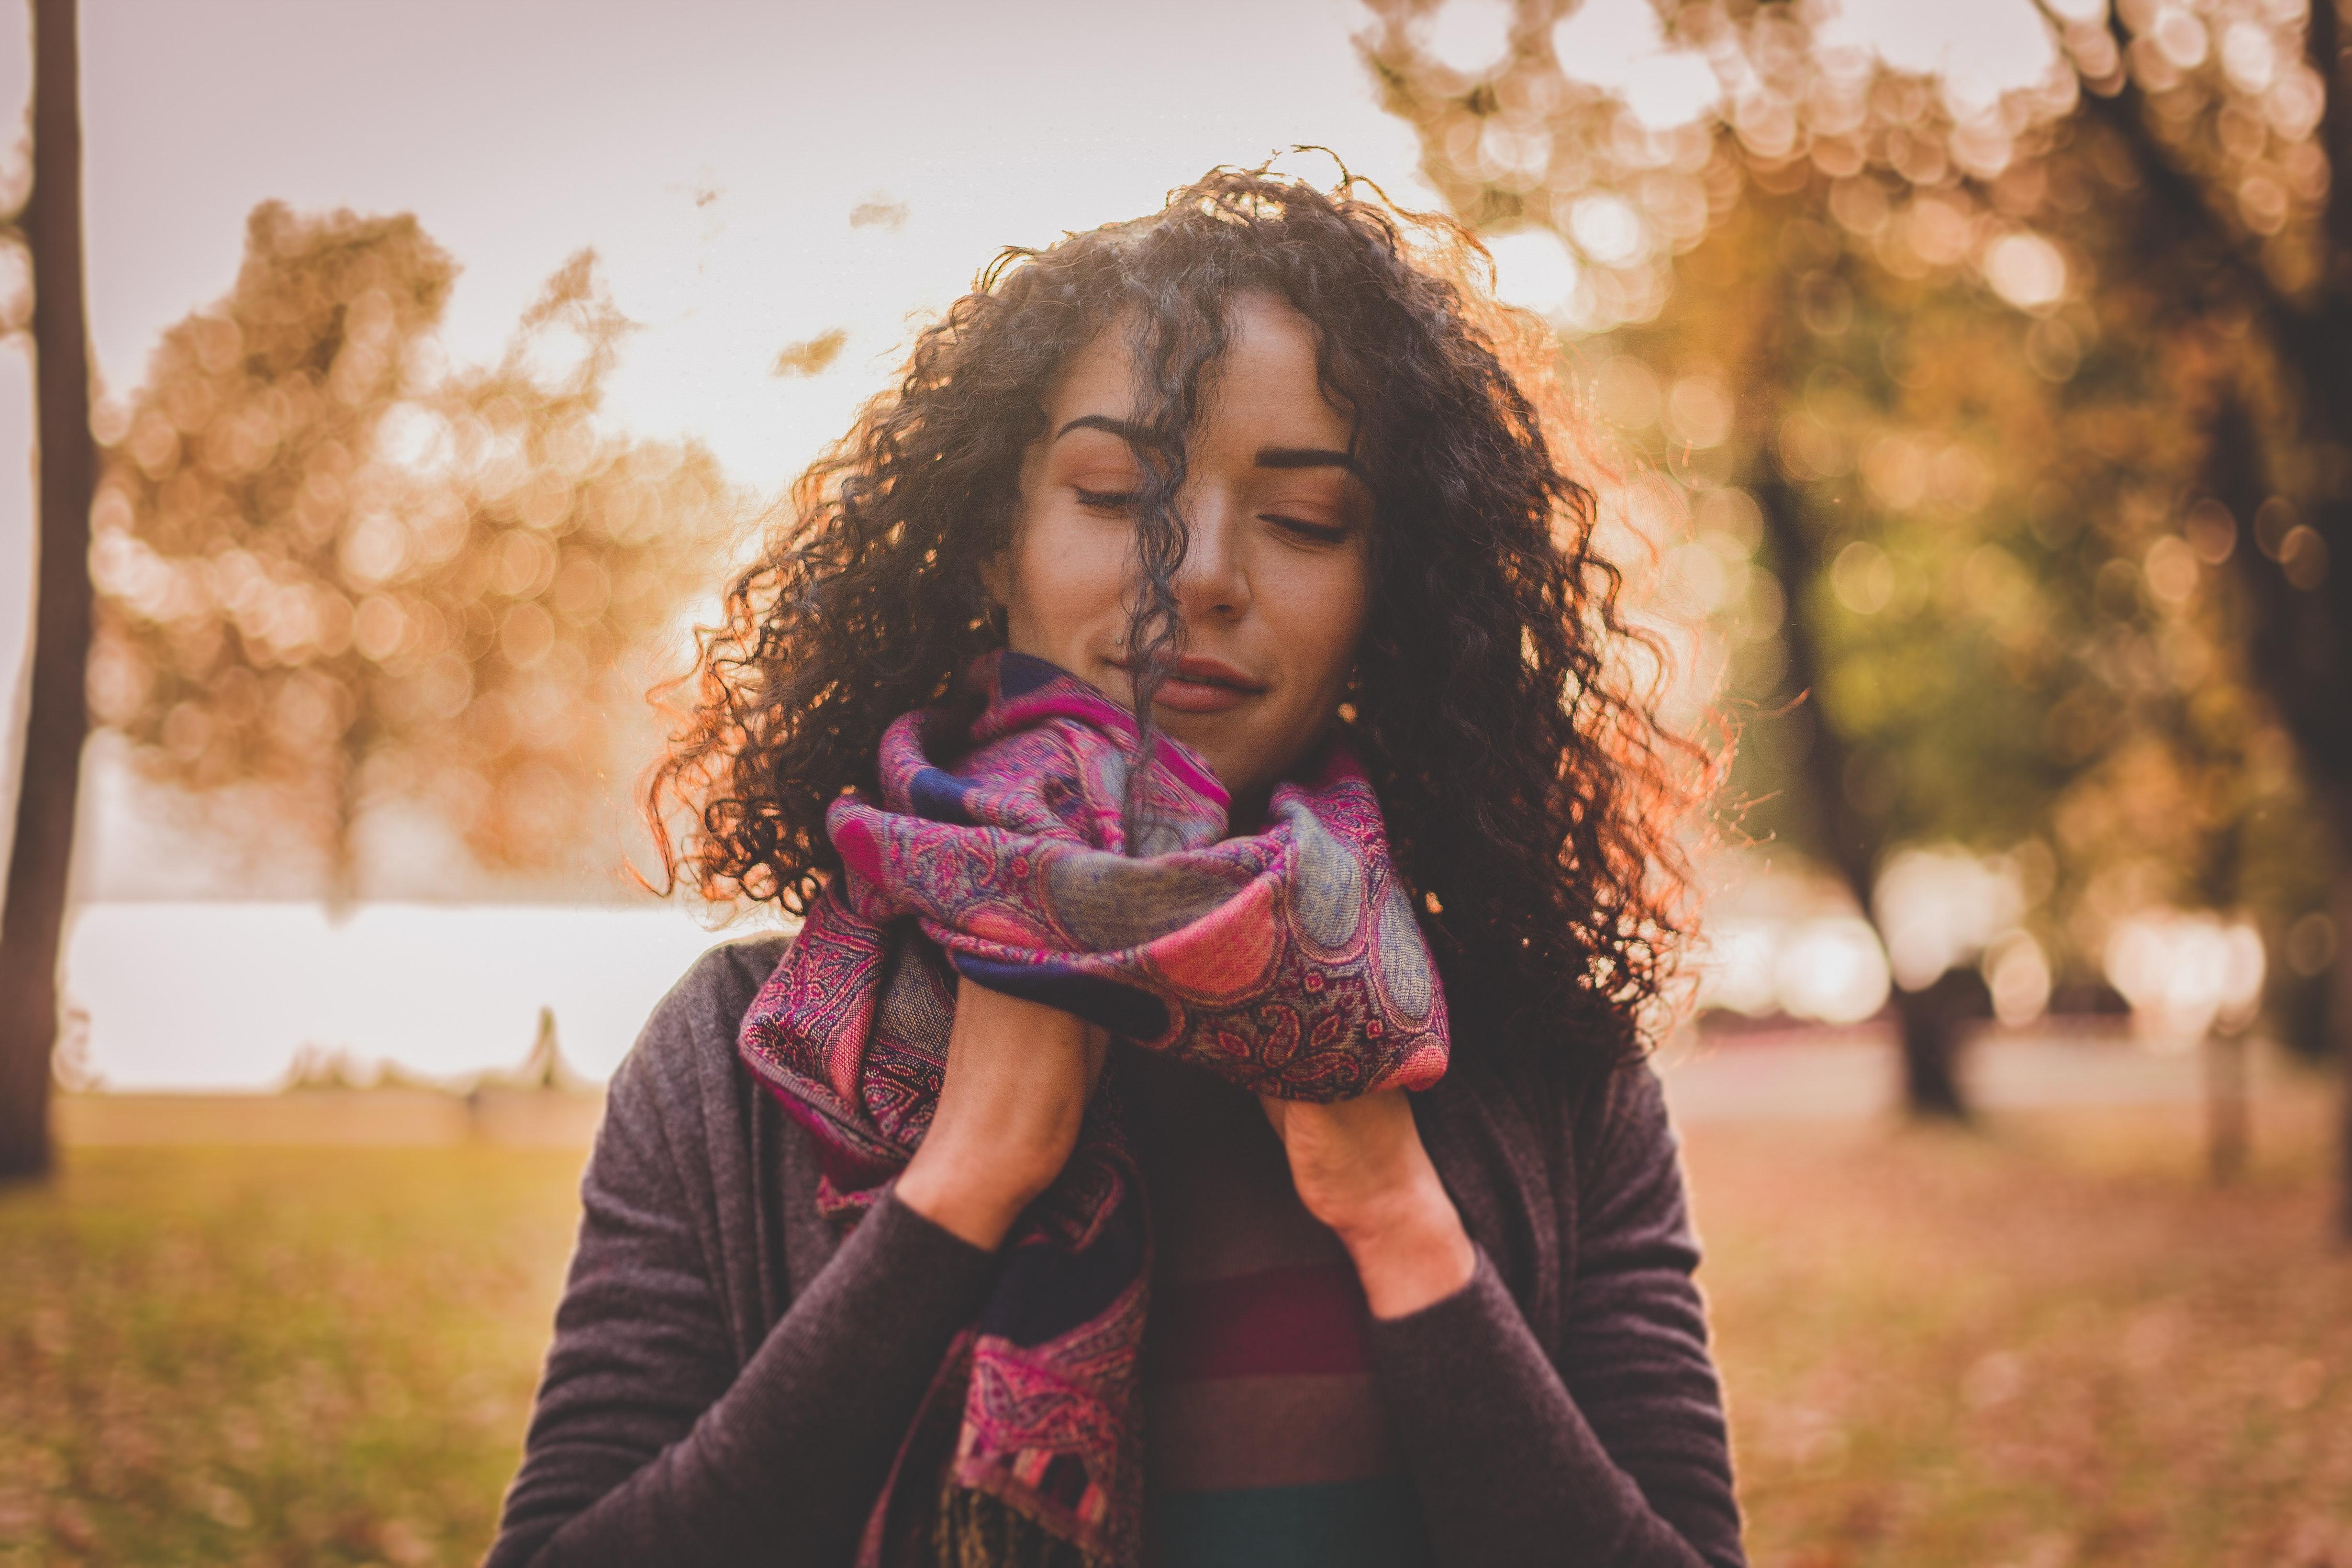 Así podés llevar una bufanda para lucir bien y protegerte del frío